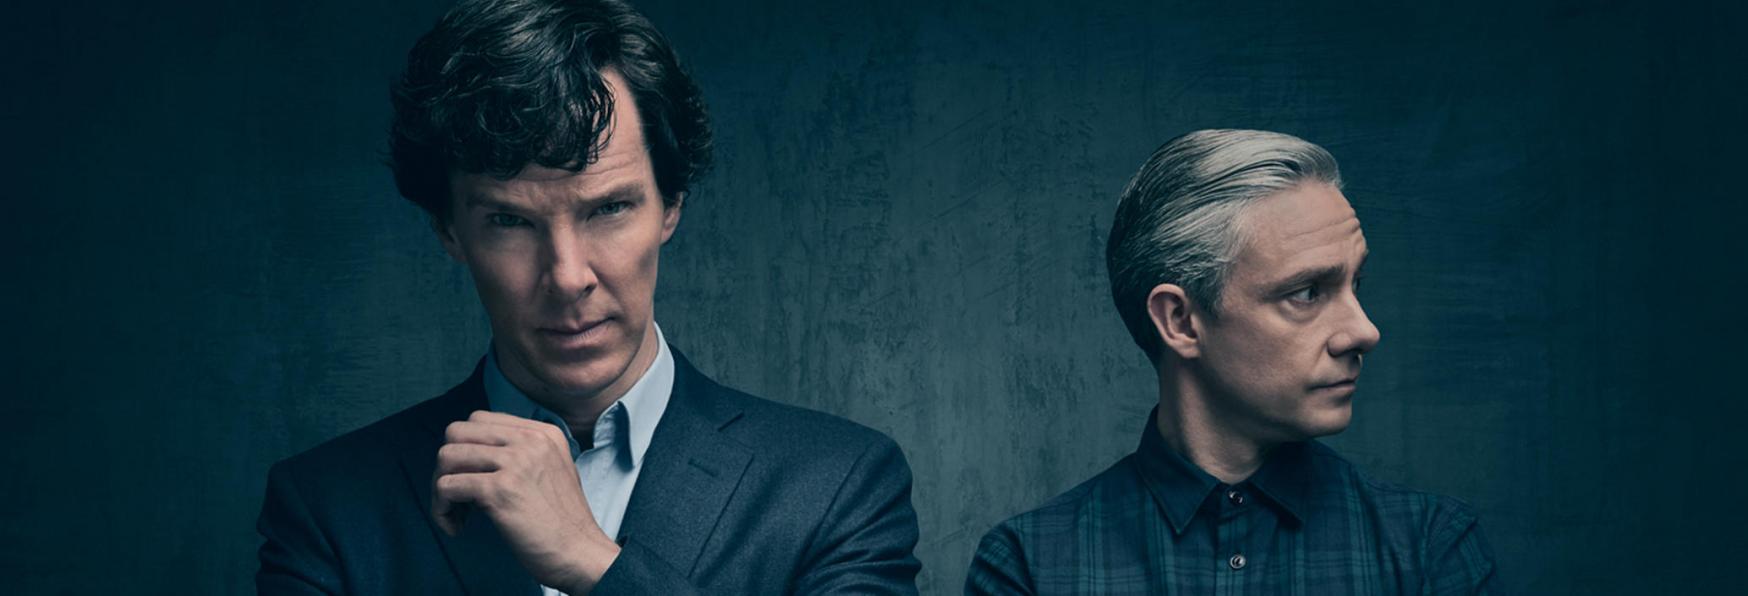 Dieci Curiosità che (forse) non sapevi su Sherlock, la Serie TV di BBC